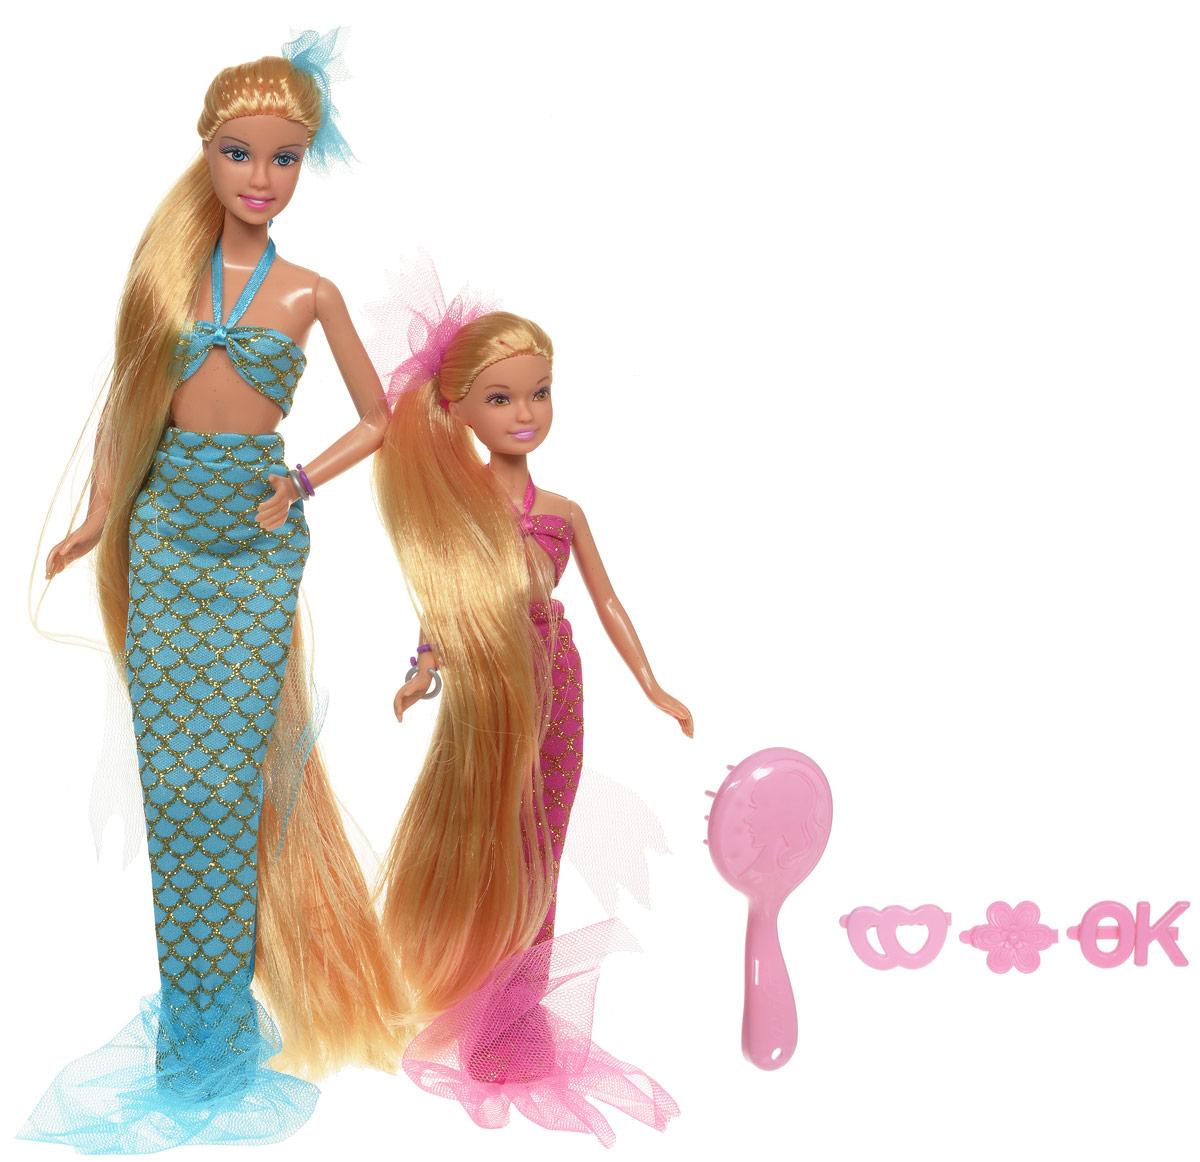 Defa Набор кукол Lucy Русалки-сестры цвет голубой розовый 2 шт8235d_голубой, розовыйНабор кукол Defa Русалки-сестры станет любимой игрушкой вашей дочурки. Набор состоит из двух кукол-русалочек в блестящих нарядах. В набор также входят три заколочки и расческа. У кукол длинные светлые волосы, которые ваша малышка с удовольствием будет расчесывать и заплетать из них различные прически. Куклы изготовлены из безопасного и прочного материала. Благодаря играм с куклой, ваша малышка сможет развить фантазию и любознательность, овладеть навыками общения и научиться ответственности. Ваш ребенок будет в восторге от такого подарка!